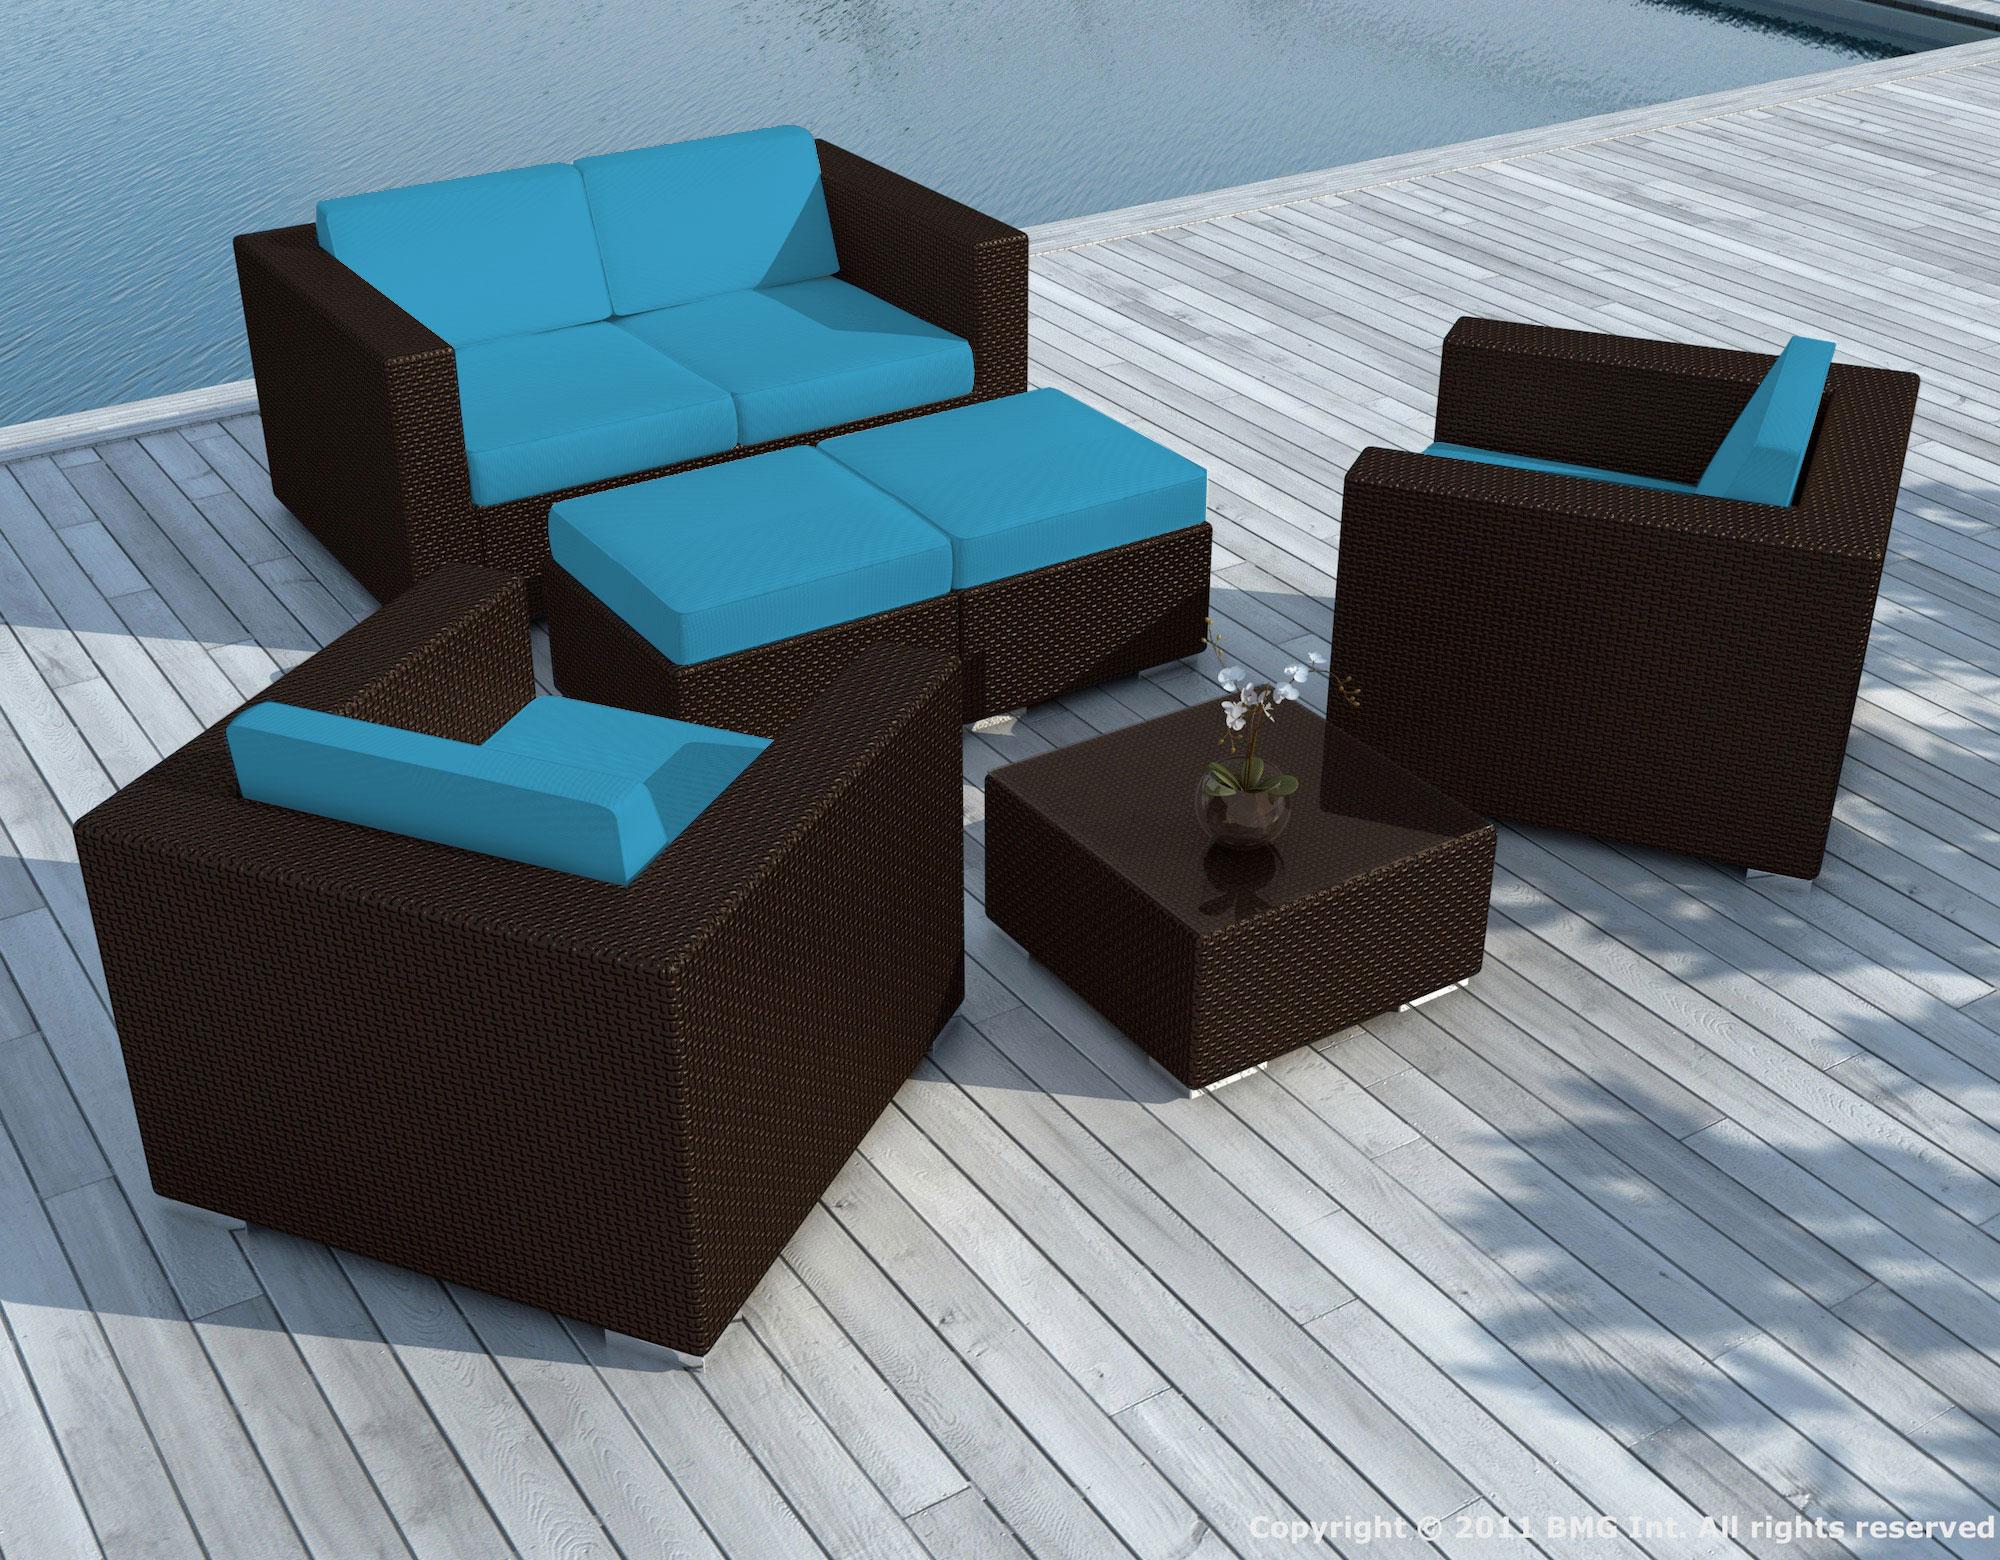 salon de jardin pausa 6 pieces en resine tresse couleur chocolat et coussins tissu blanc ecru jeu de housses tissu bleu